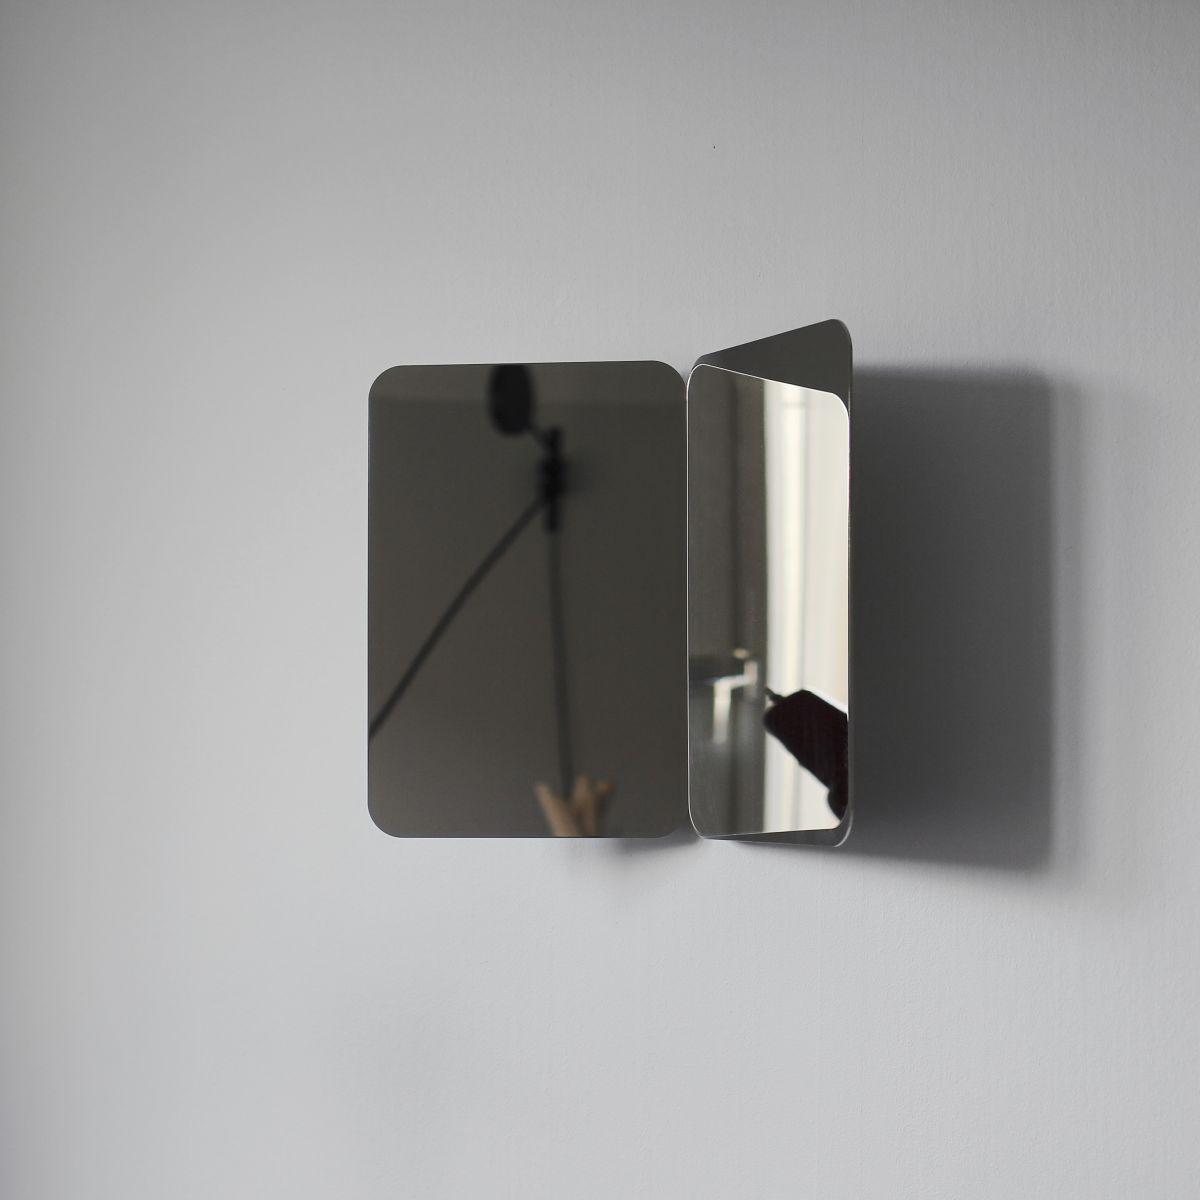 124° Rybakken mirror small - photo Studio Daniel Rybakken